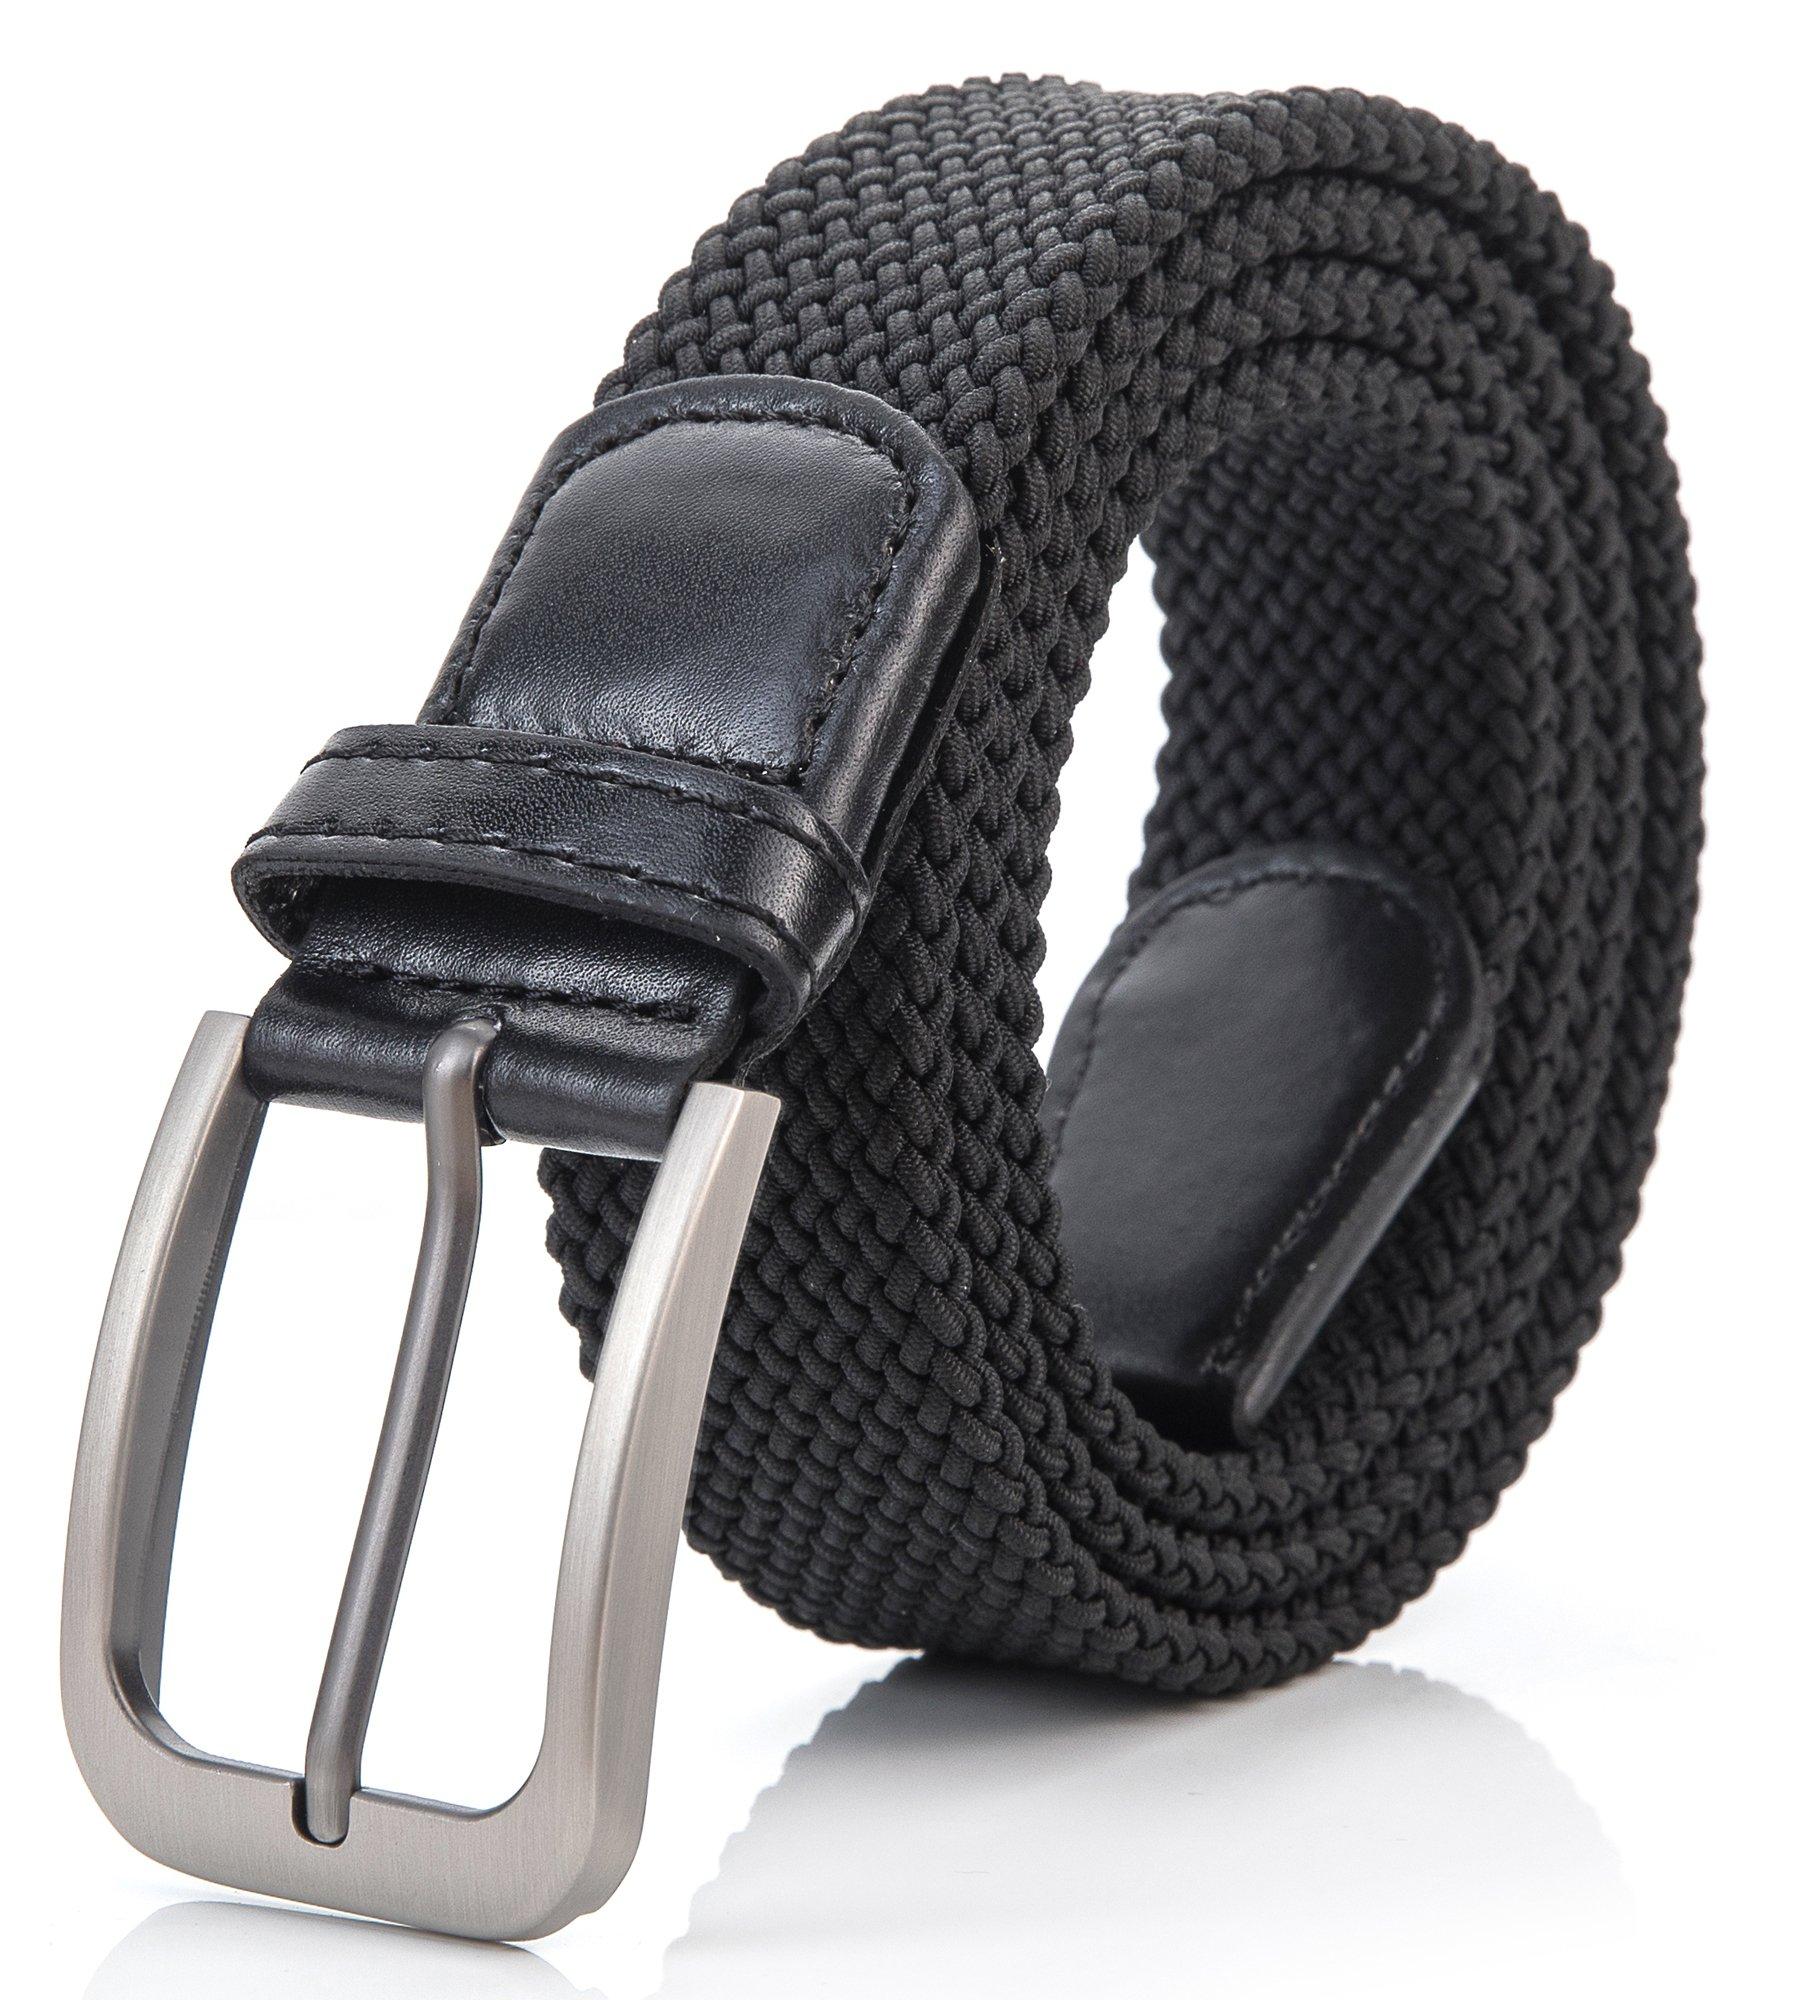 Weifert Belt for Men Braided Stretch Belt/No Holes Elastic Fabric Woven Belts by Weifert